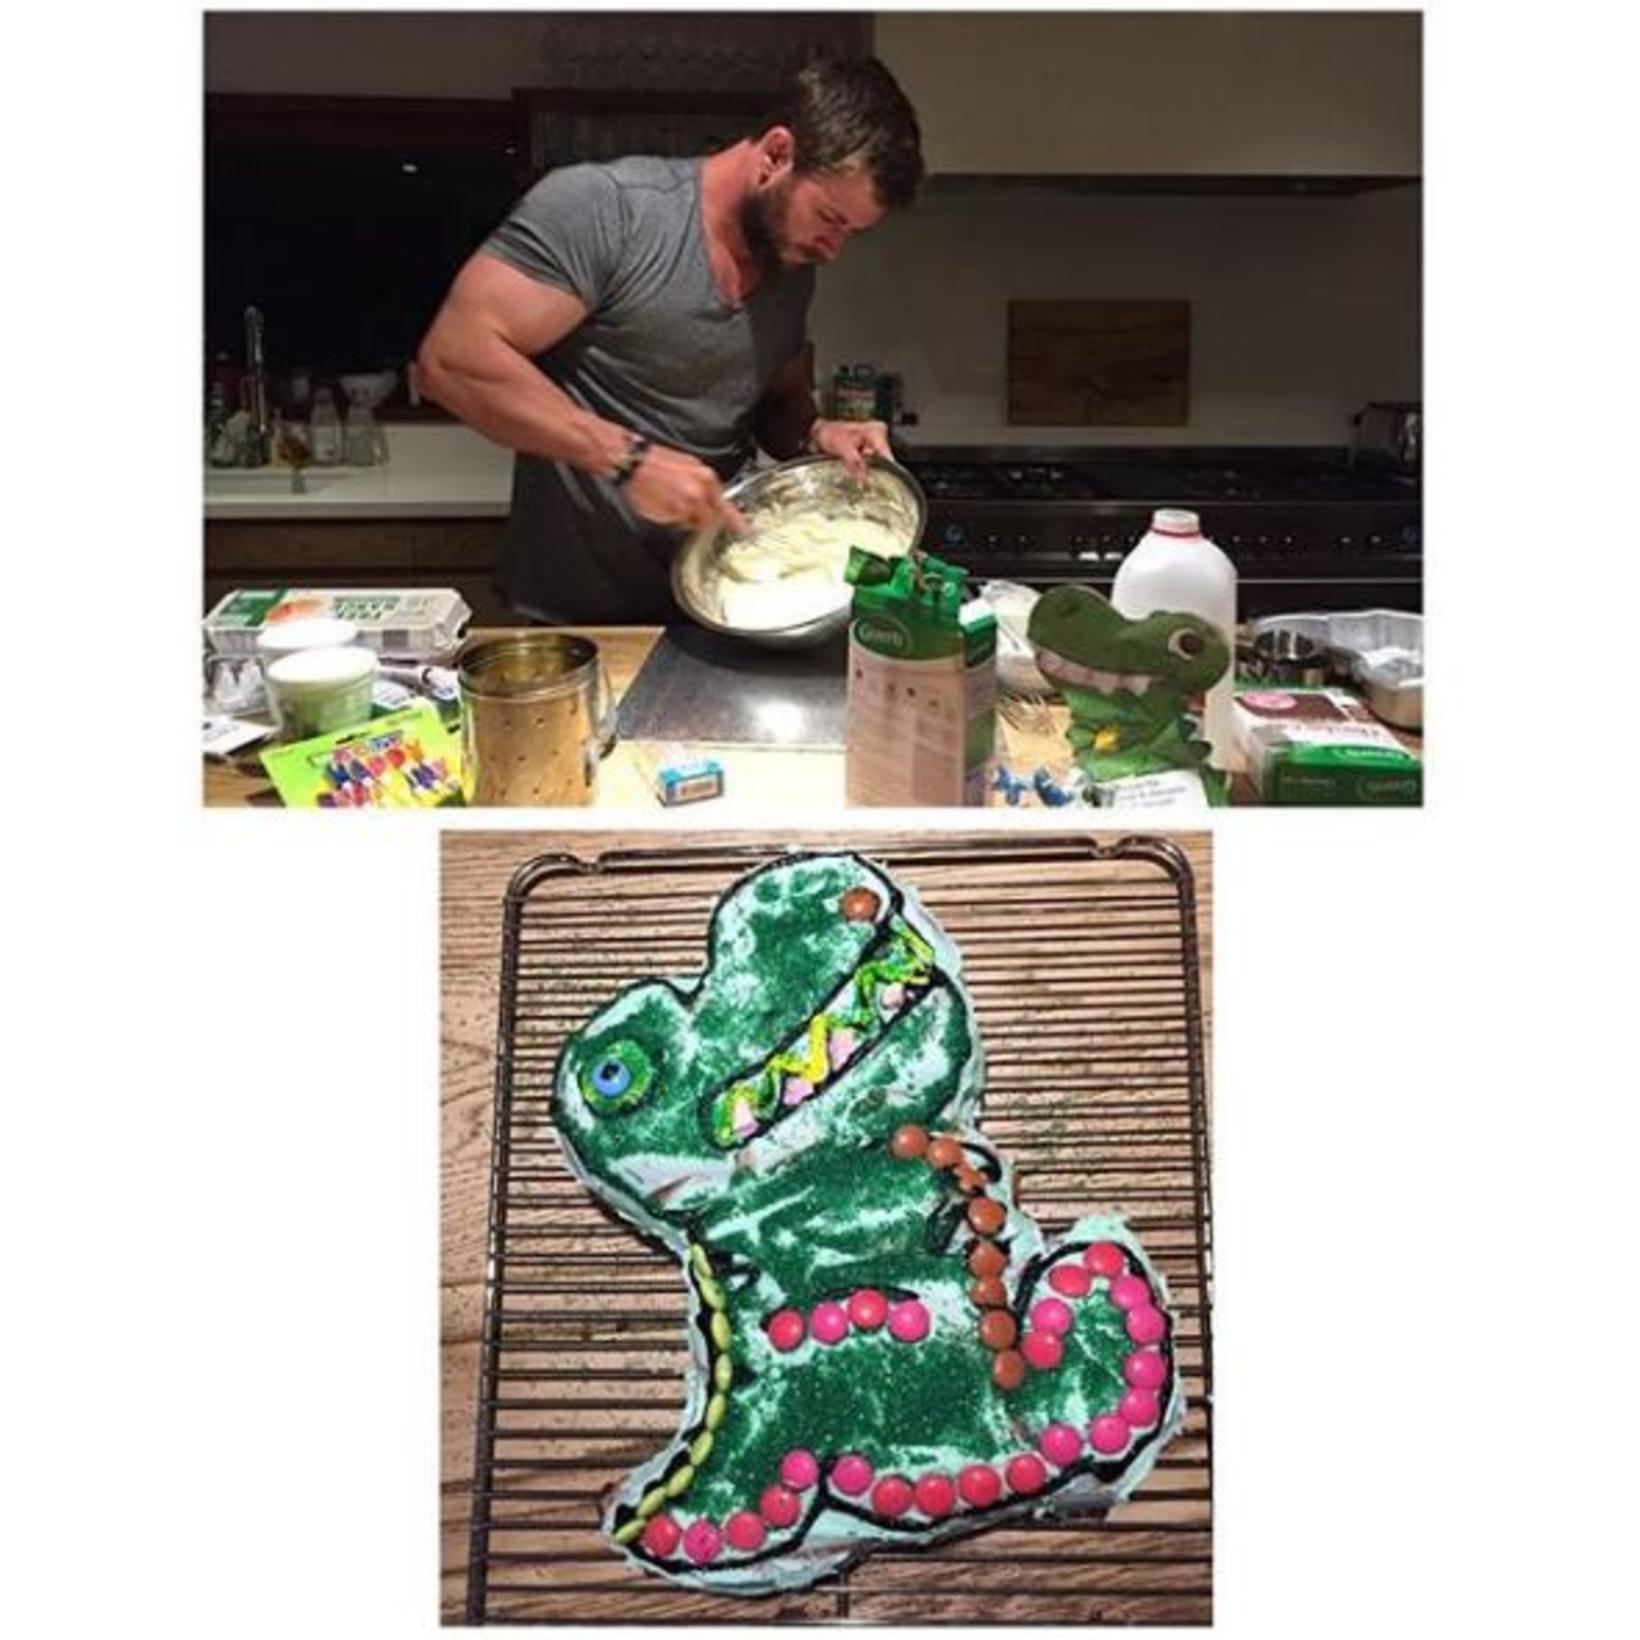 Chris Hemsworth er duglegur pabbi sem bakar fyrir afmæli.